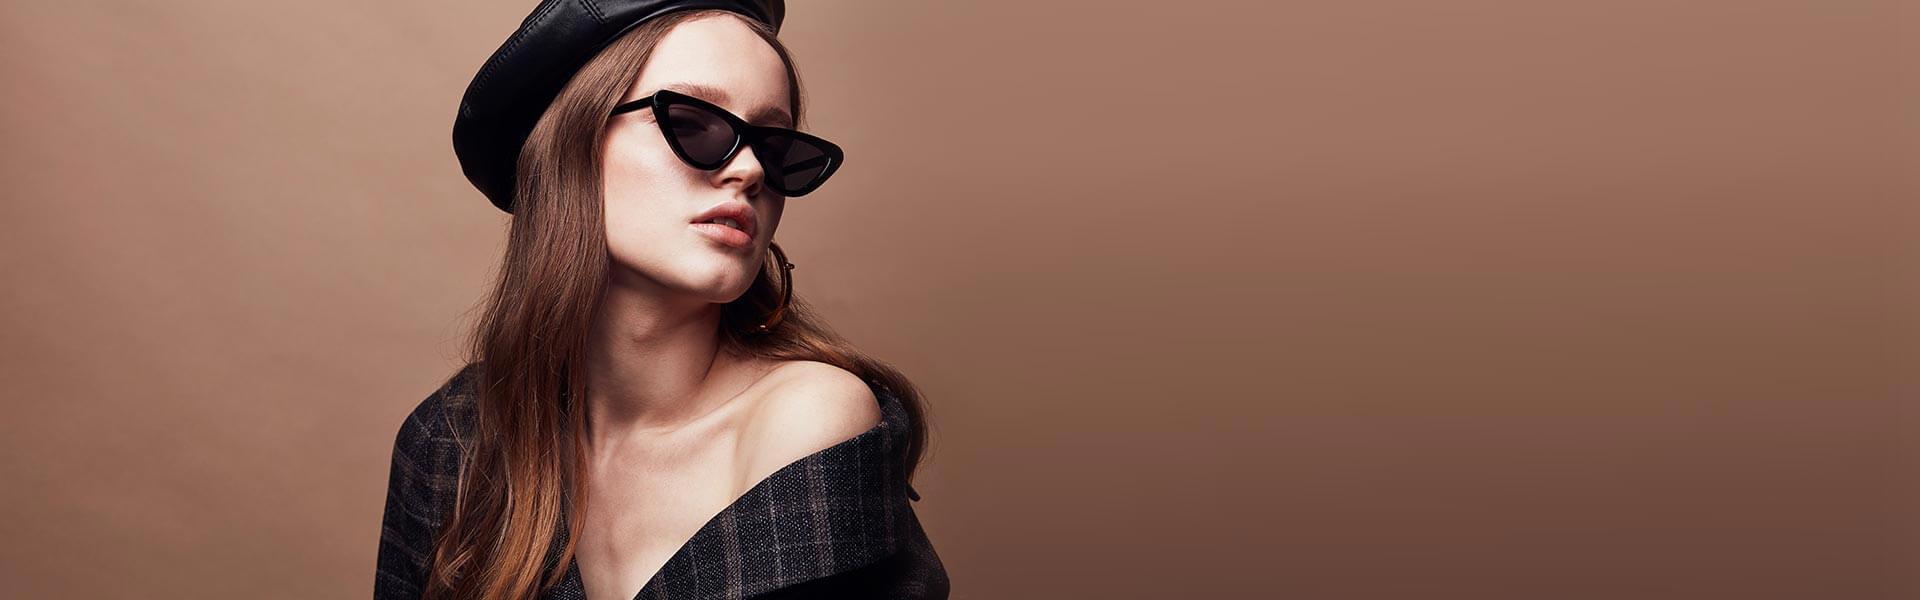 b28e743ab84 Cat Eye Sunglasses Frames Online Starting £39 Only | Specscart®